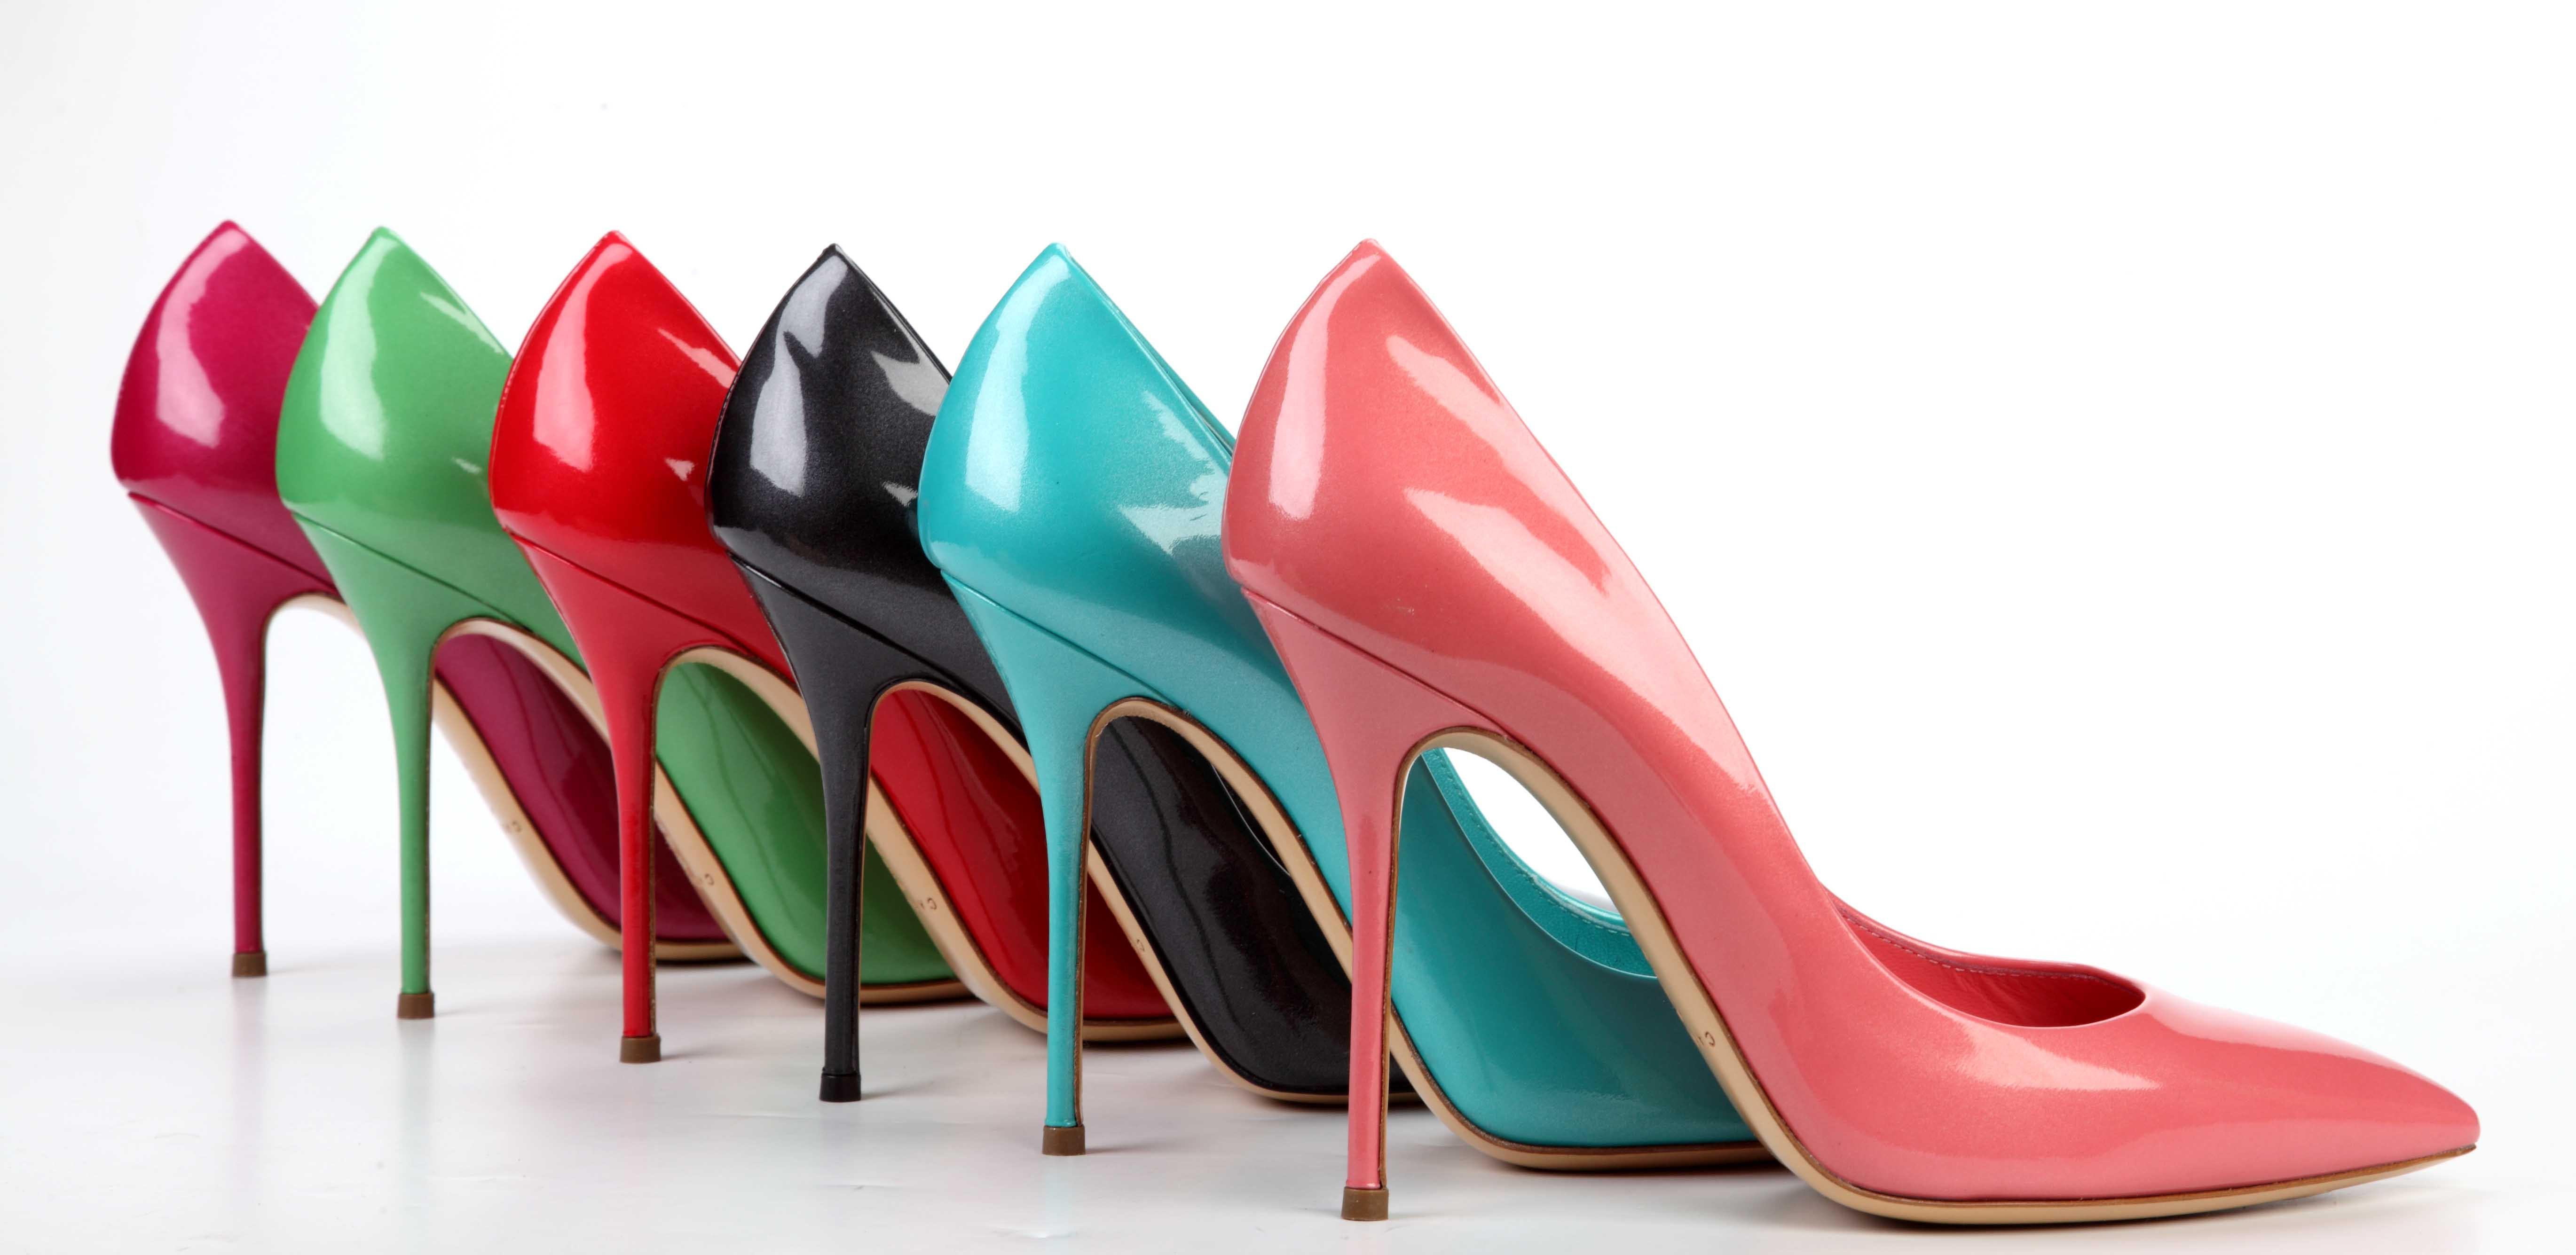 b0e7e6c26963 «обувь, туфли, женская обувь» — карточка пользователя sqb5 в  Яндекс.Коллекциях